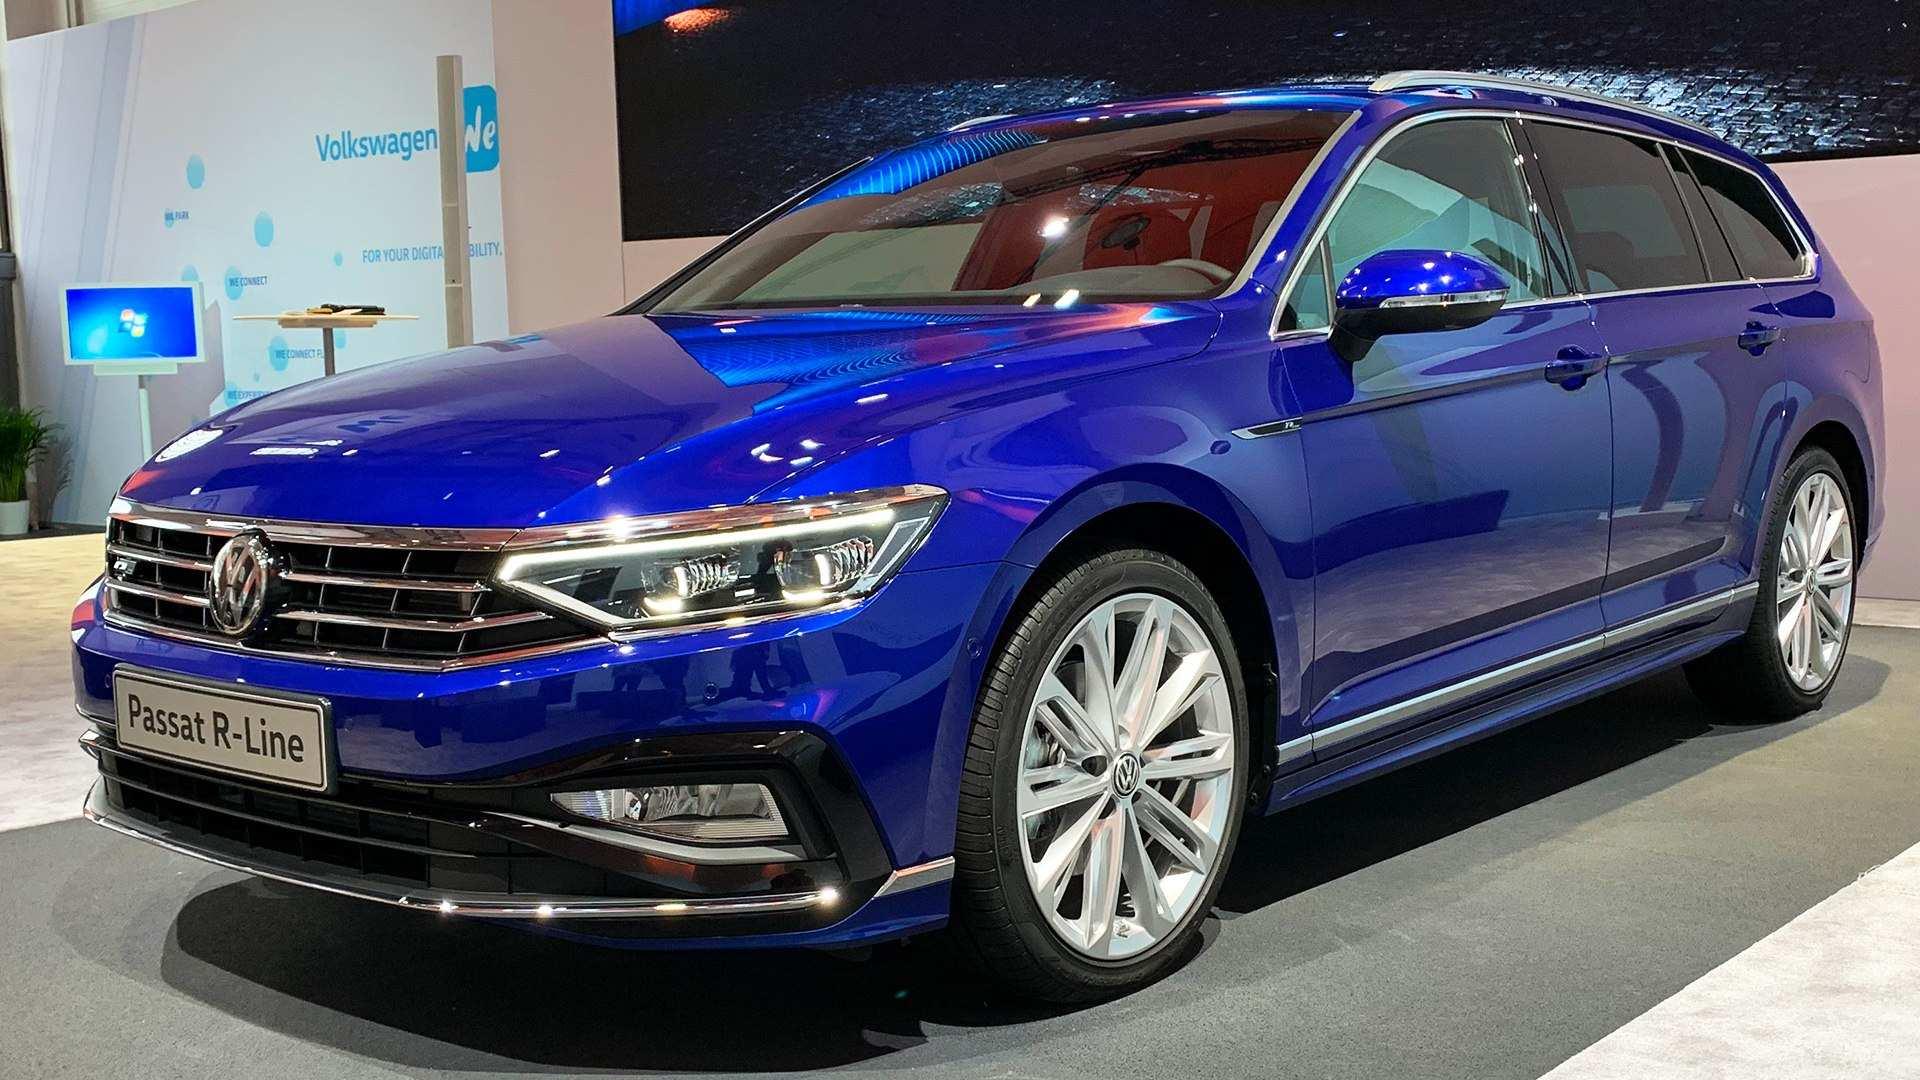 38 Gallery of 2020 Volkswagen Passat Wagon Overview for 2020 Volkswagen Passat Wagon